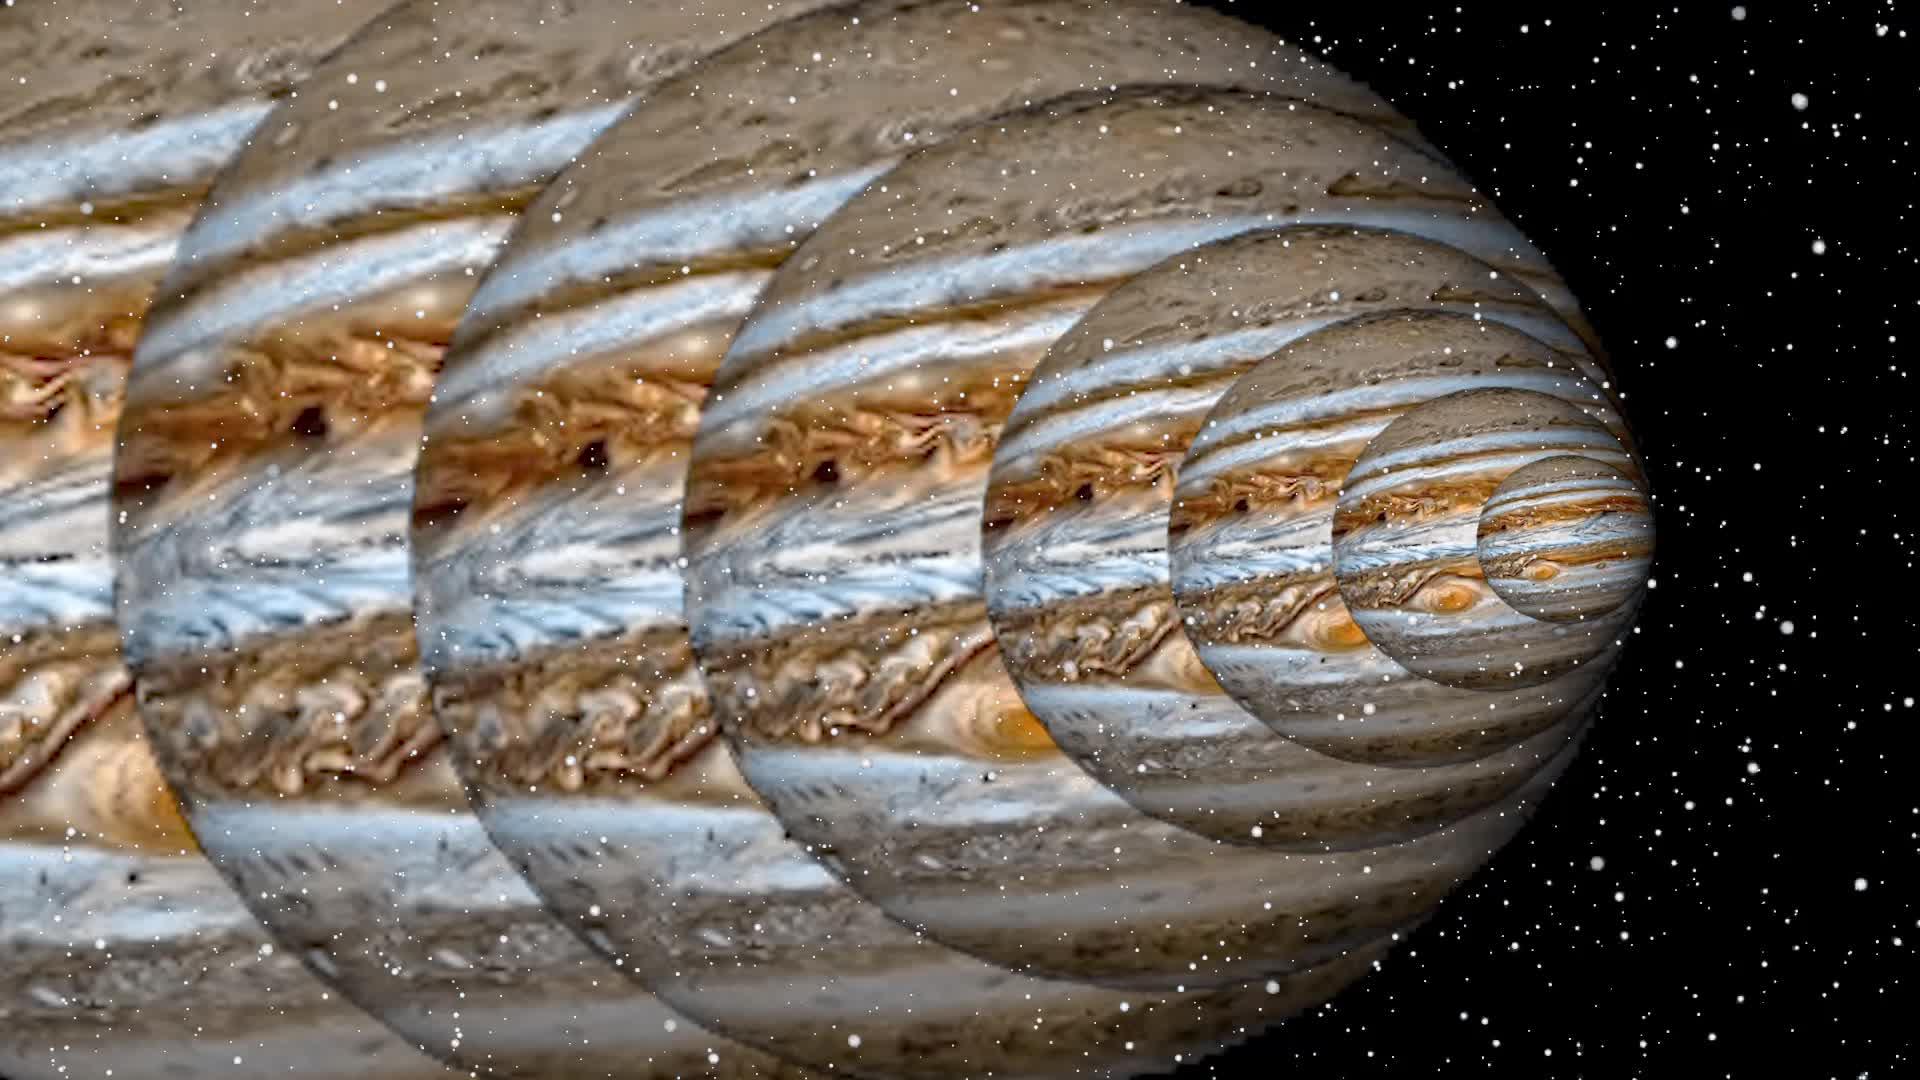 funny, insanewayne, jupiter, odd, outer space, space, weird, Jupiterssssssss GIFs